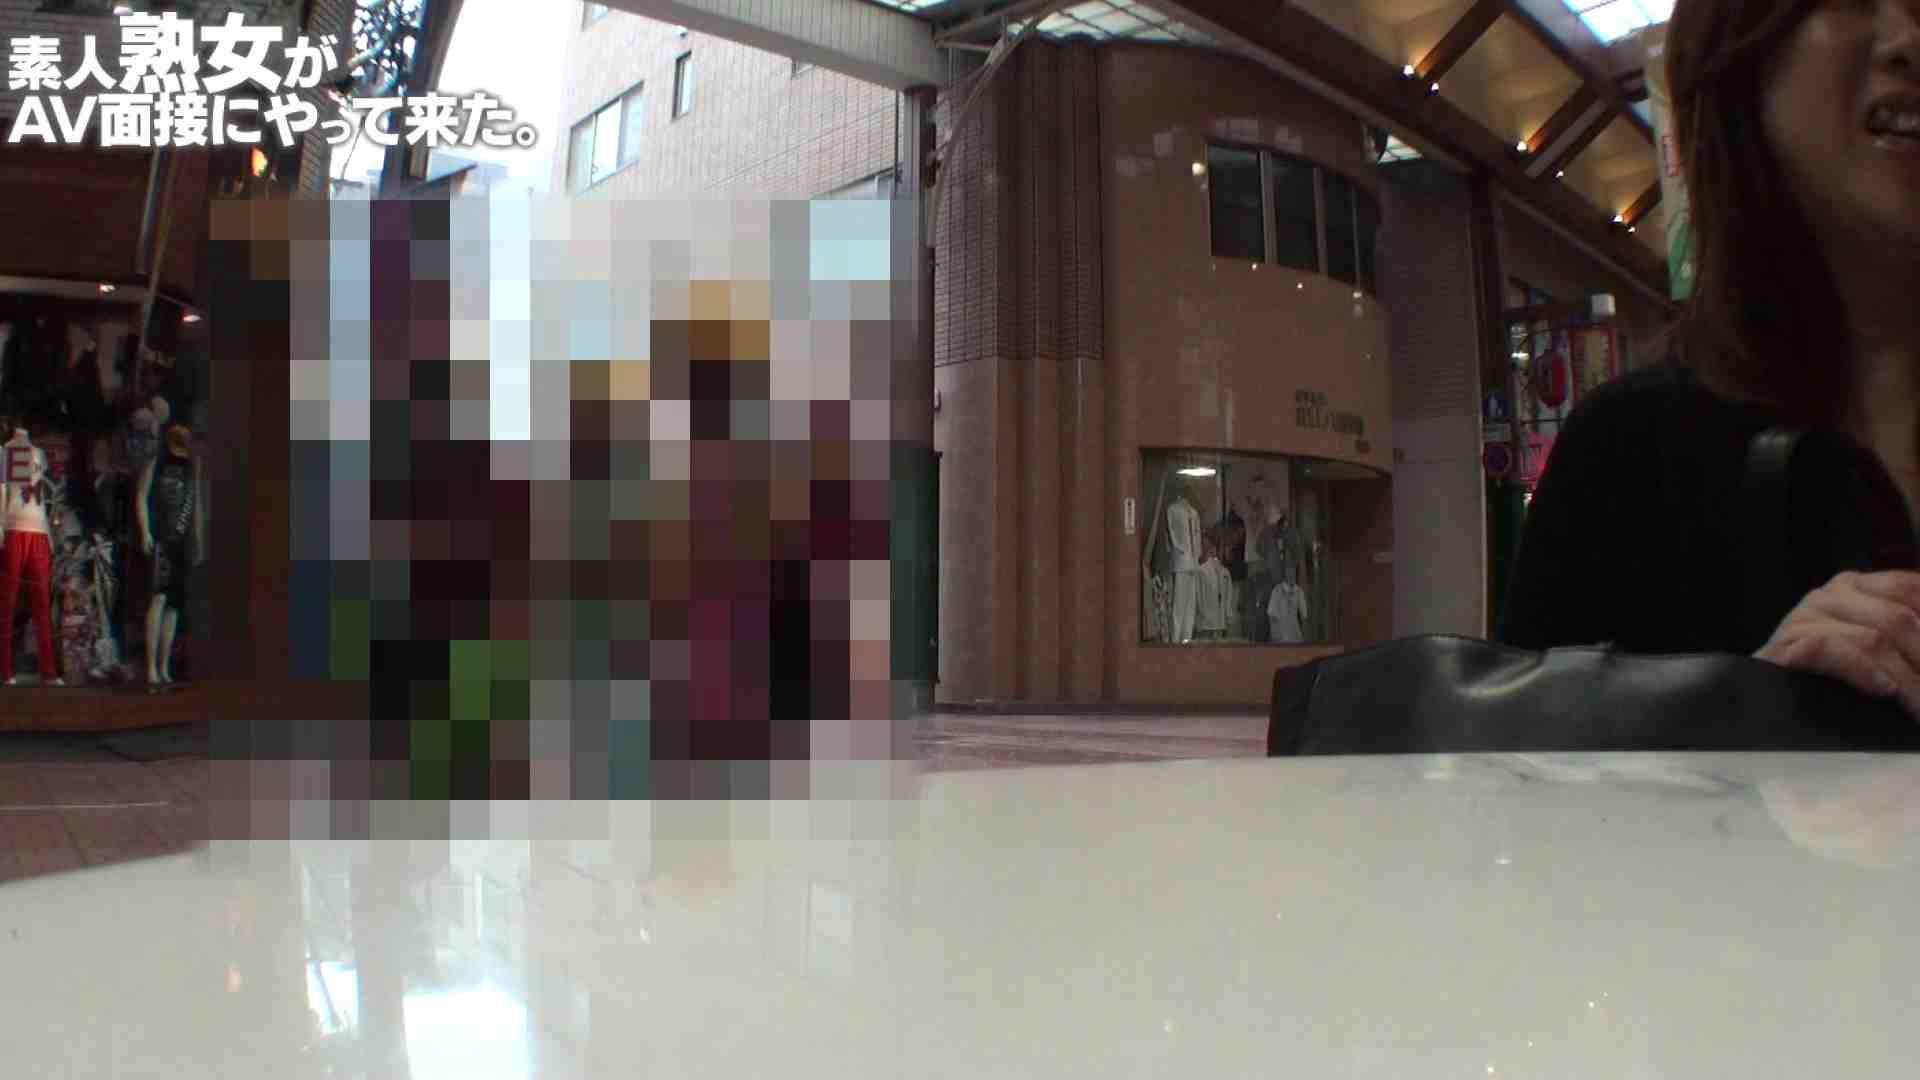 素人熟女がAV面接にやってきた (仮名)ゆかさんVOL.01 素人   セックス映像  71pic 6